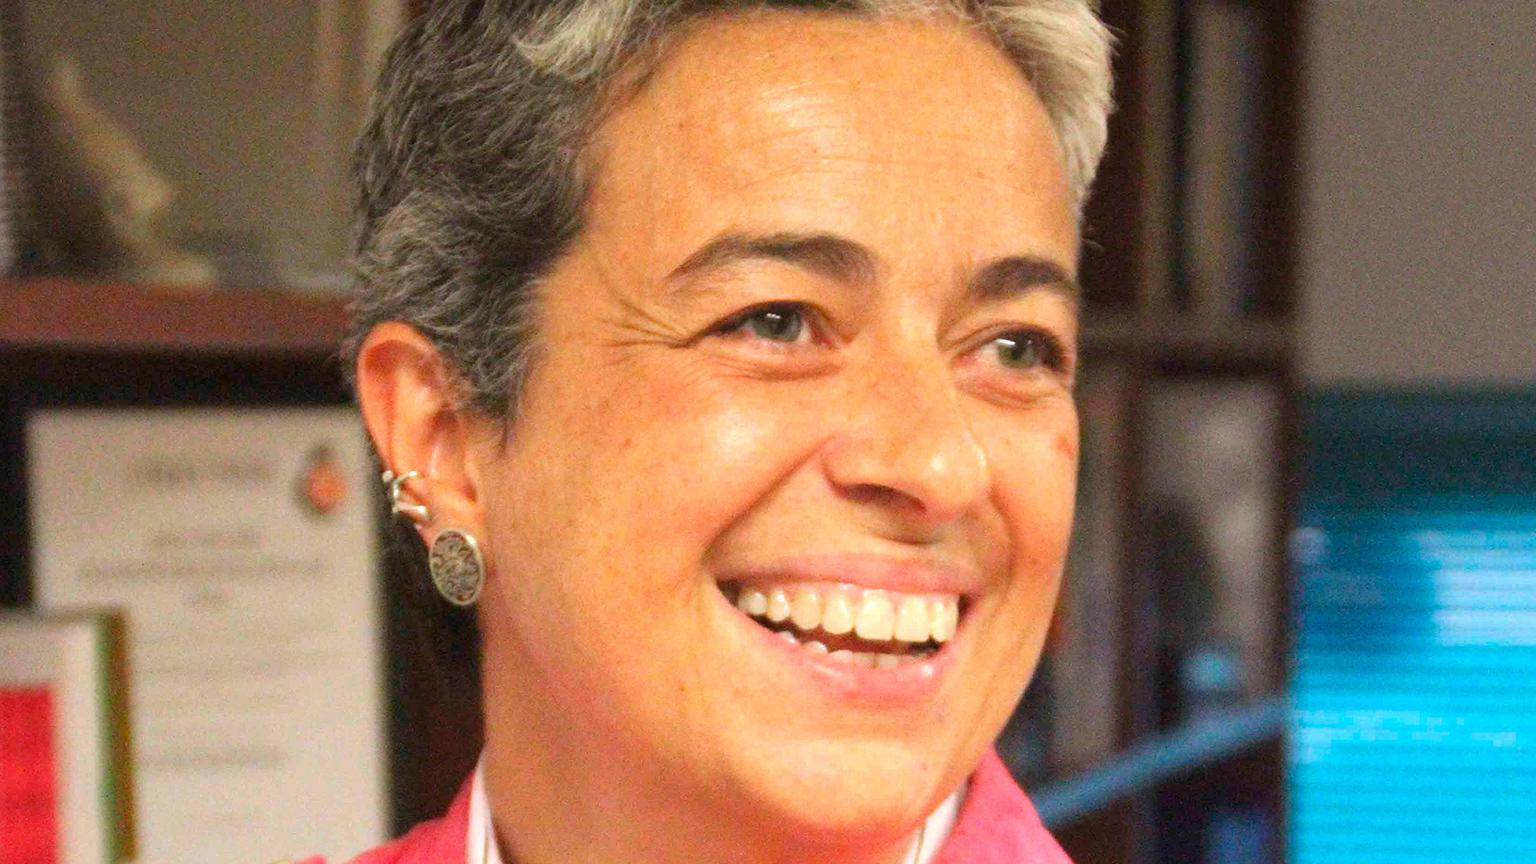 Mercedes Valcárcel se incorpora al Foro de Expertos del Instituto Santalucía que refuerza su actuación en el ámbito de la sostenibilidad